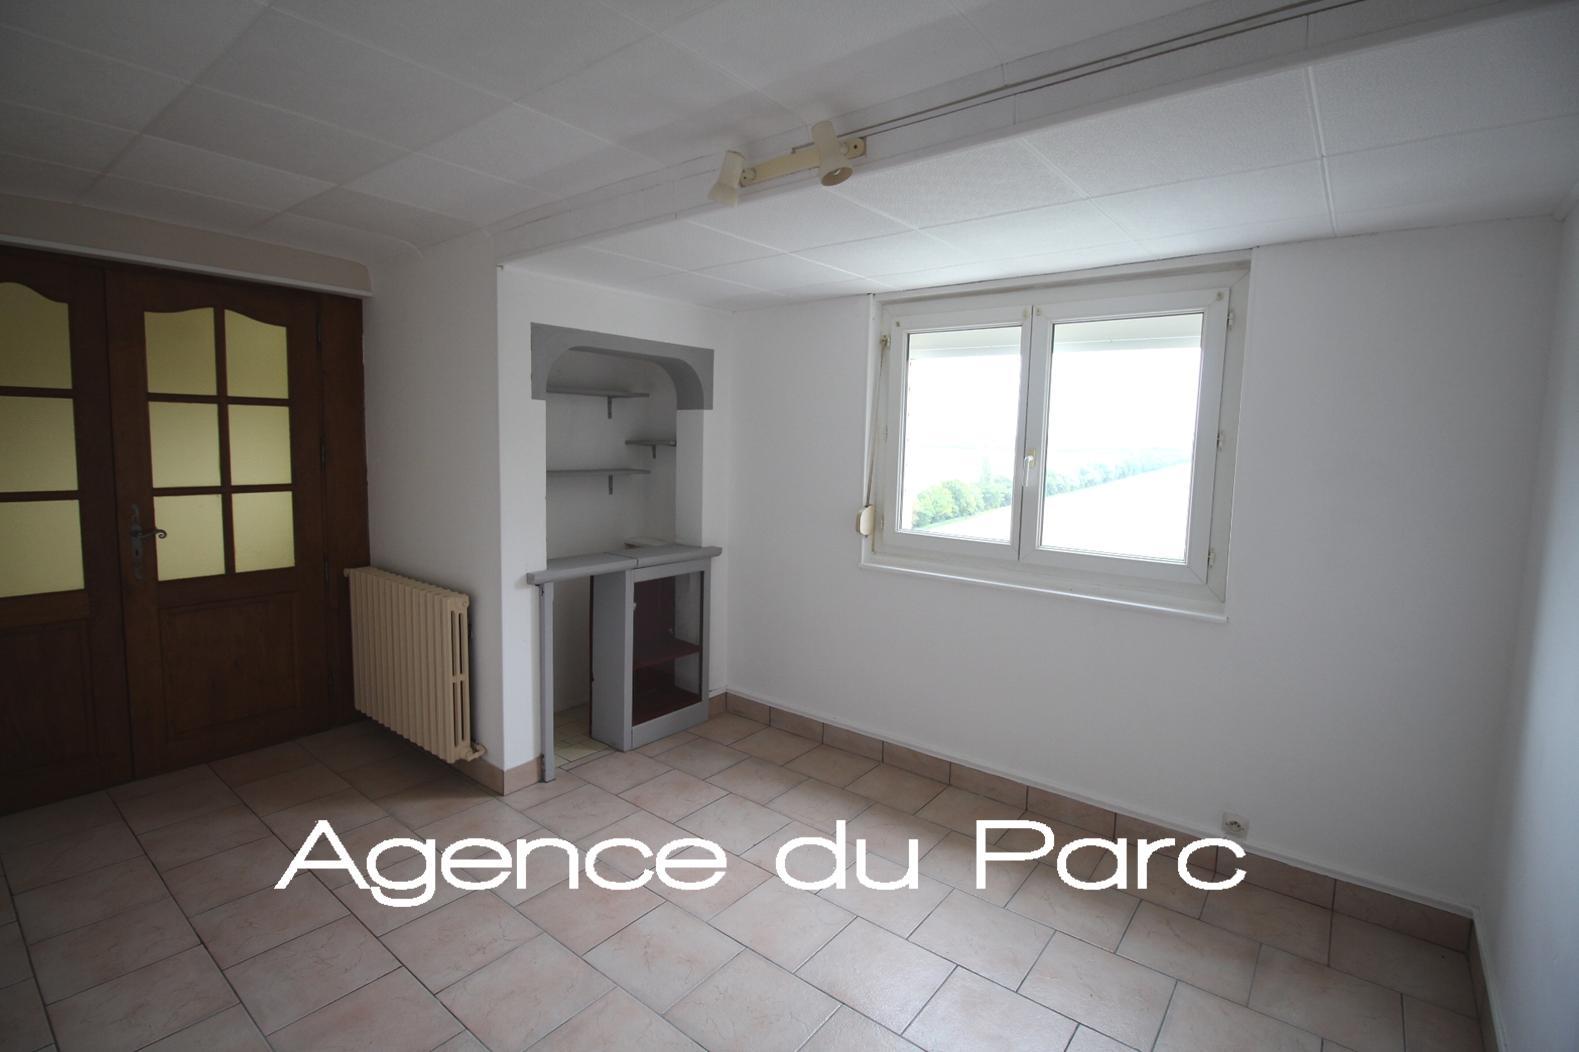 Acheter achat d 39 une maison de village en bon tat axe for Achat dune maison